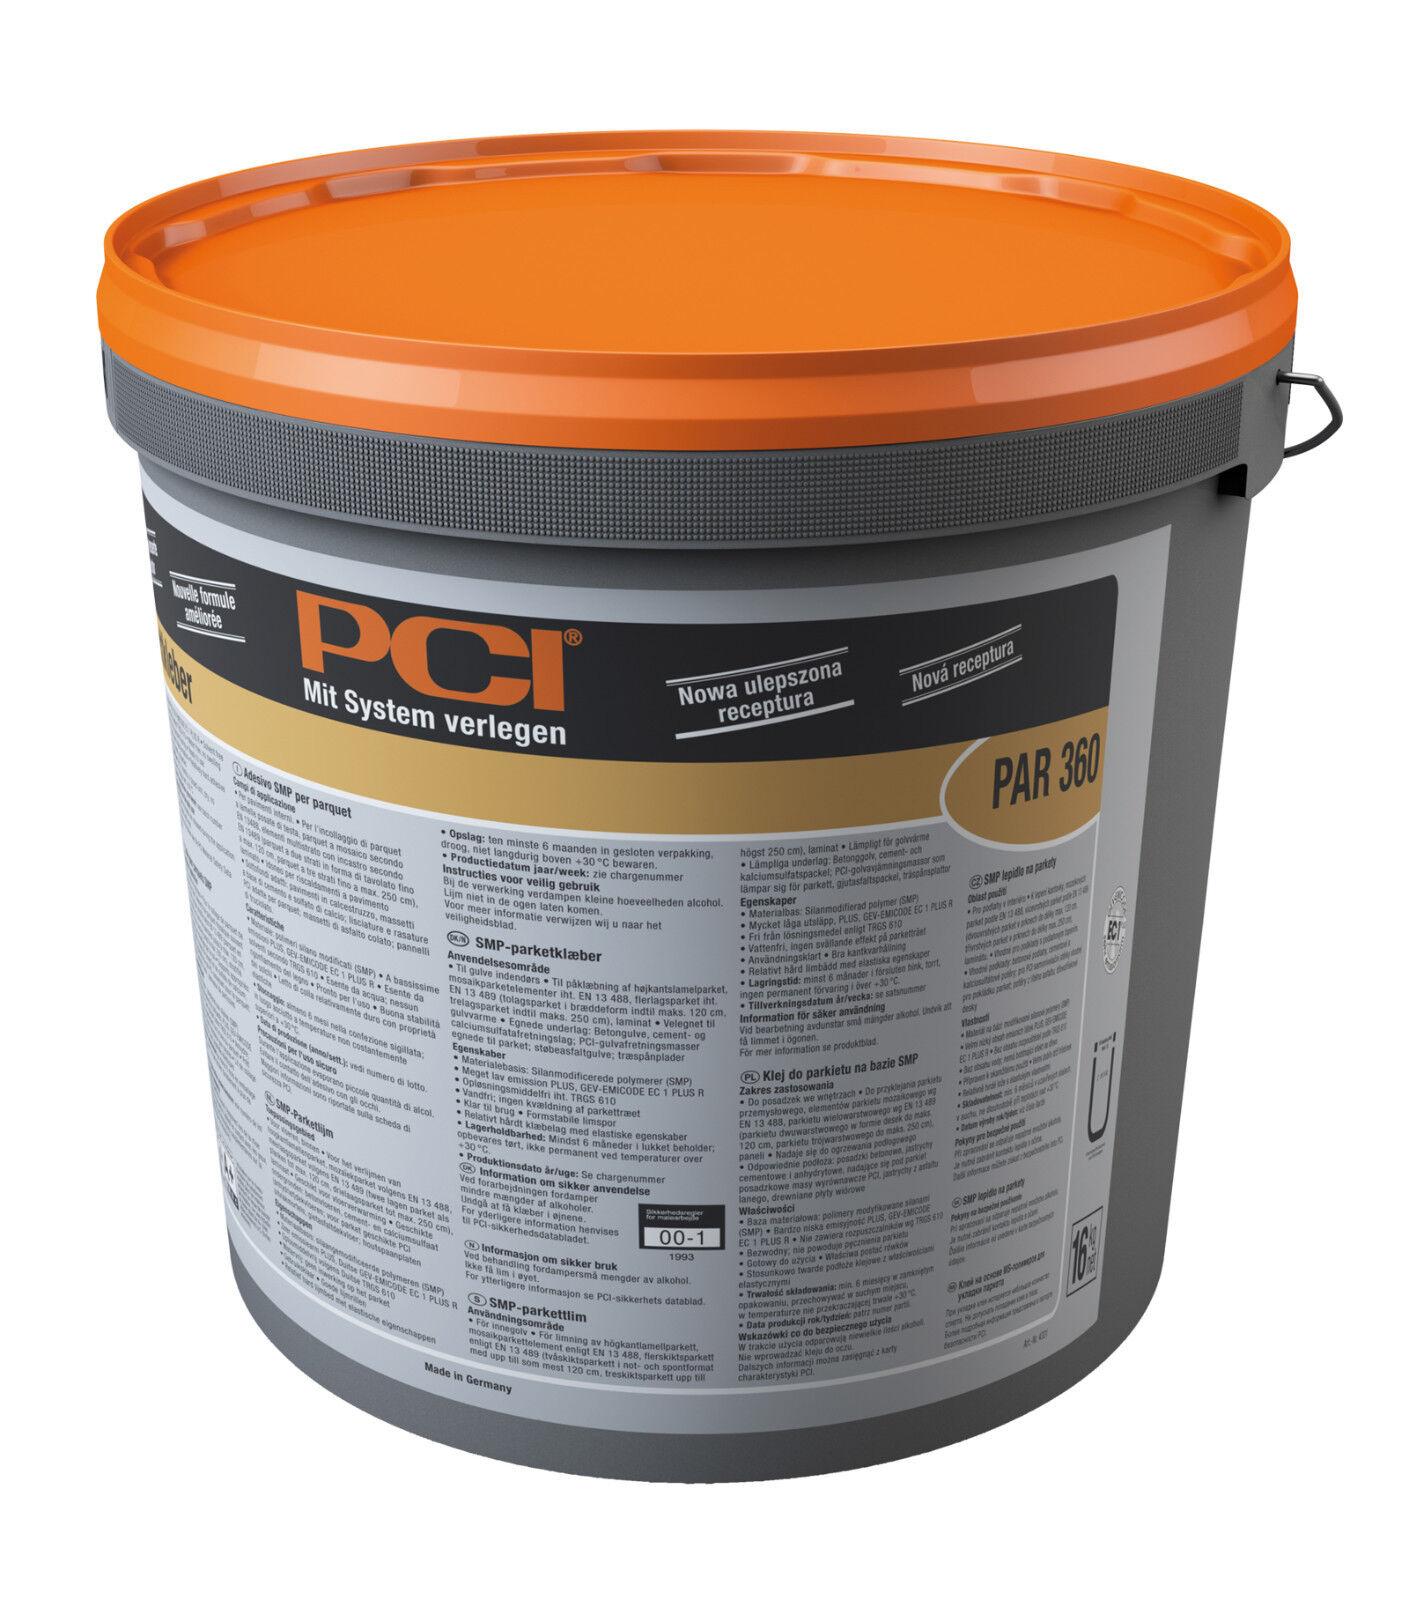 PCI Par 360 SMP-Parkettkleber 16 kg SMP-Klebstoff für Böden im Innenbereich